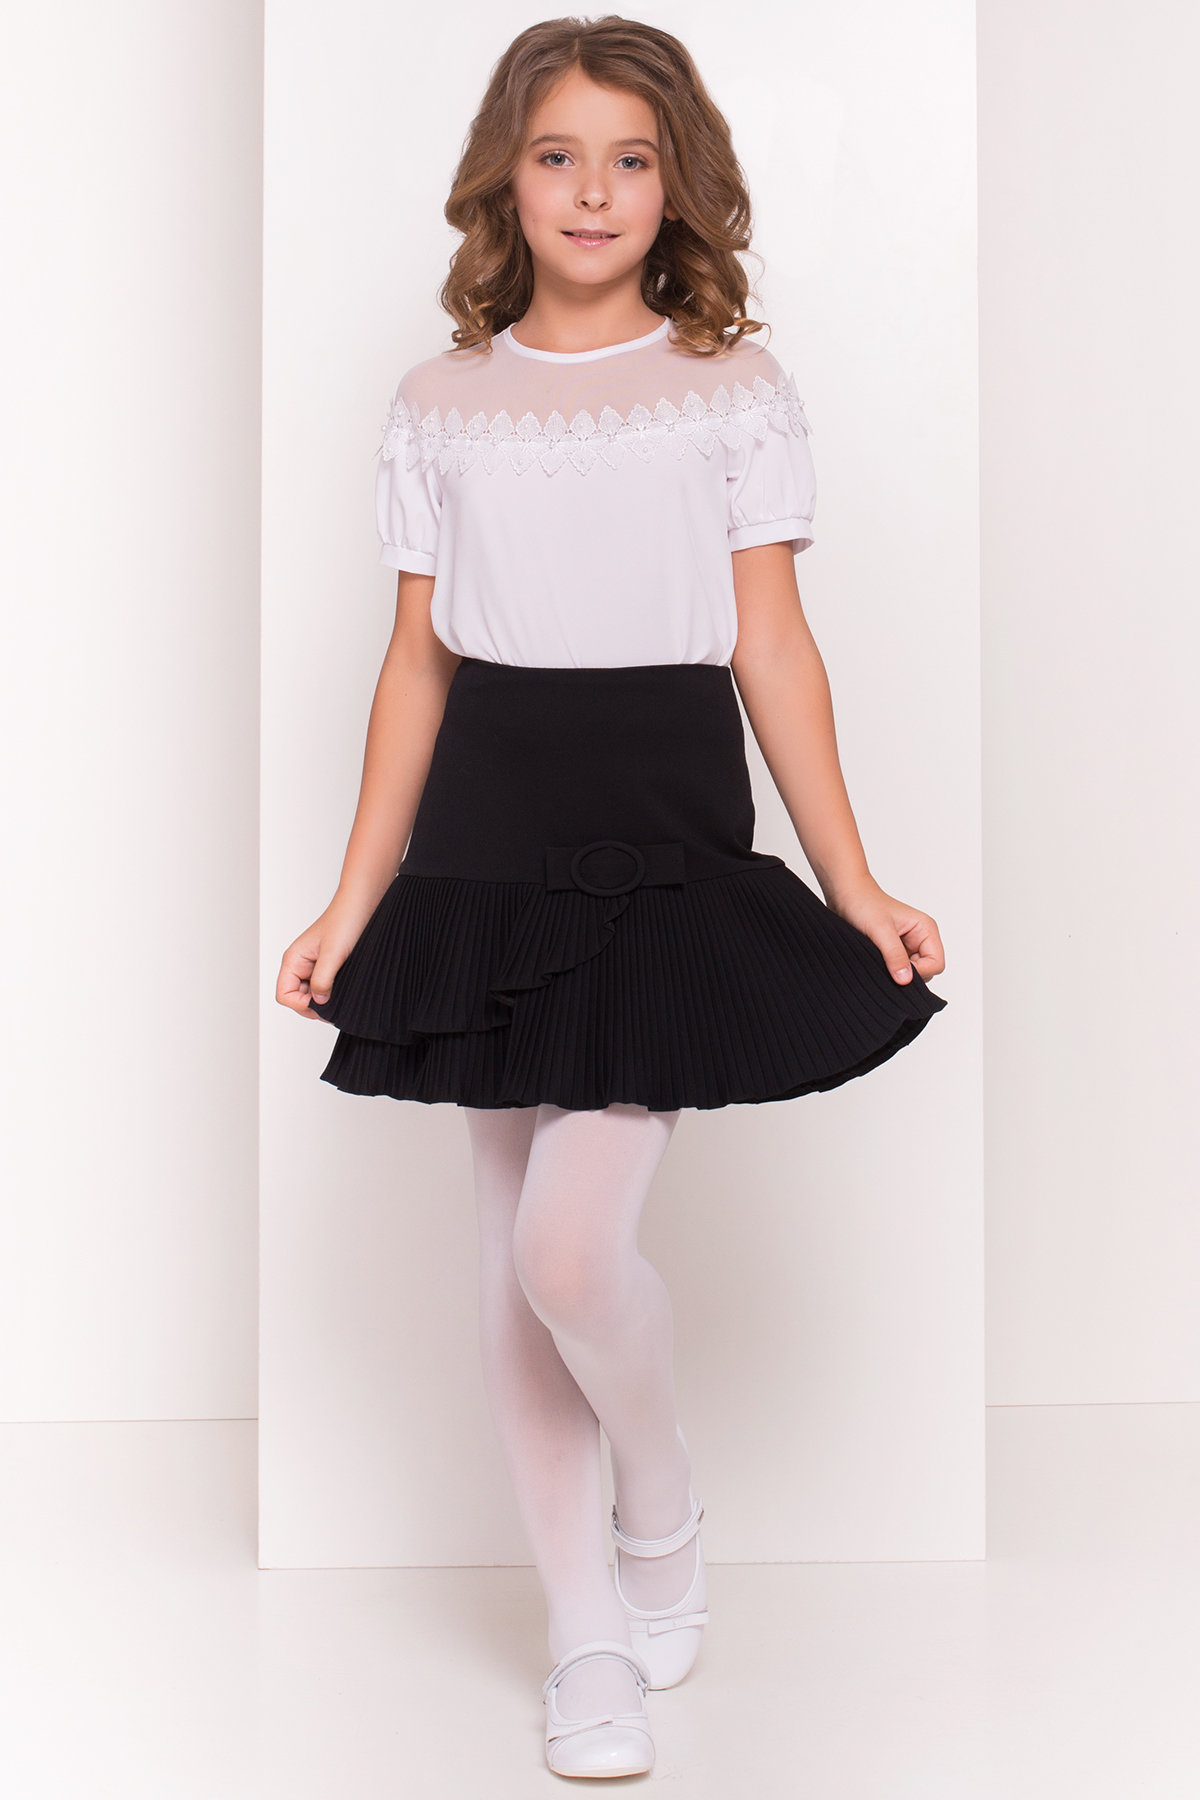 Блуза детская Герда 5197 АРТ. 36284 Цвет: Белый - фото 1, интернет магазин tm-modus.ru